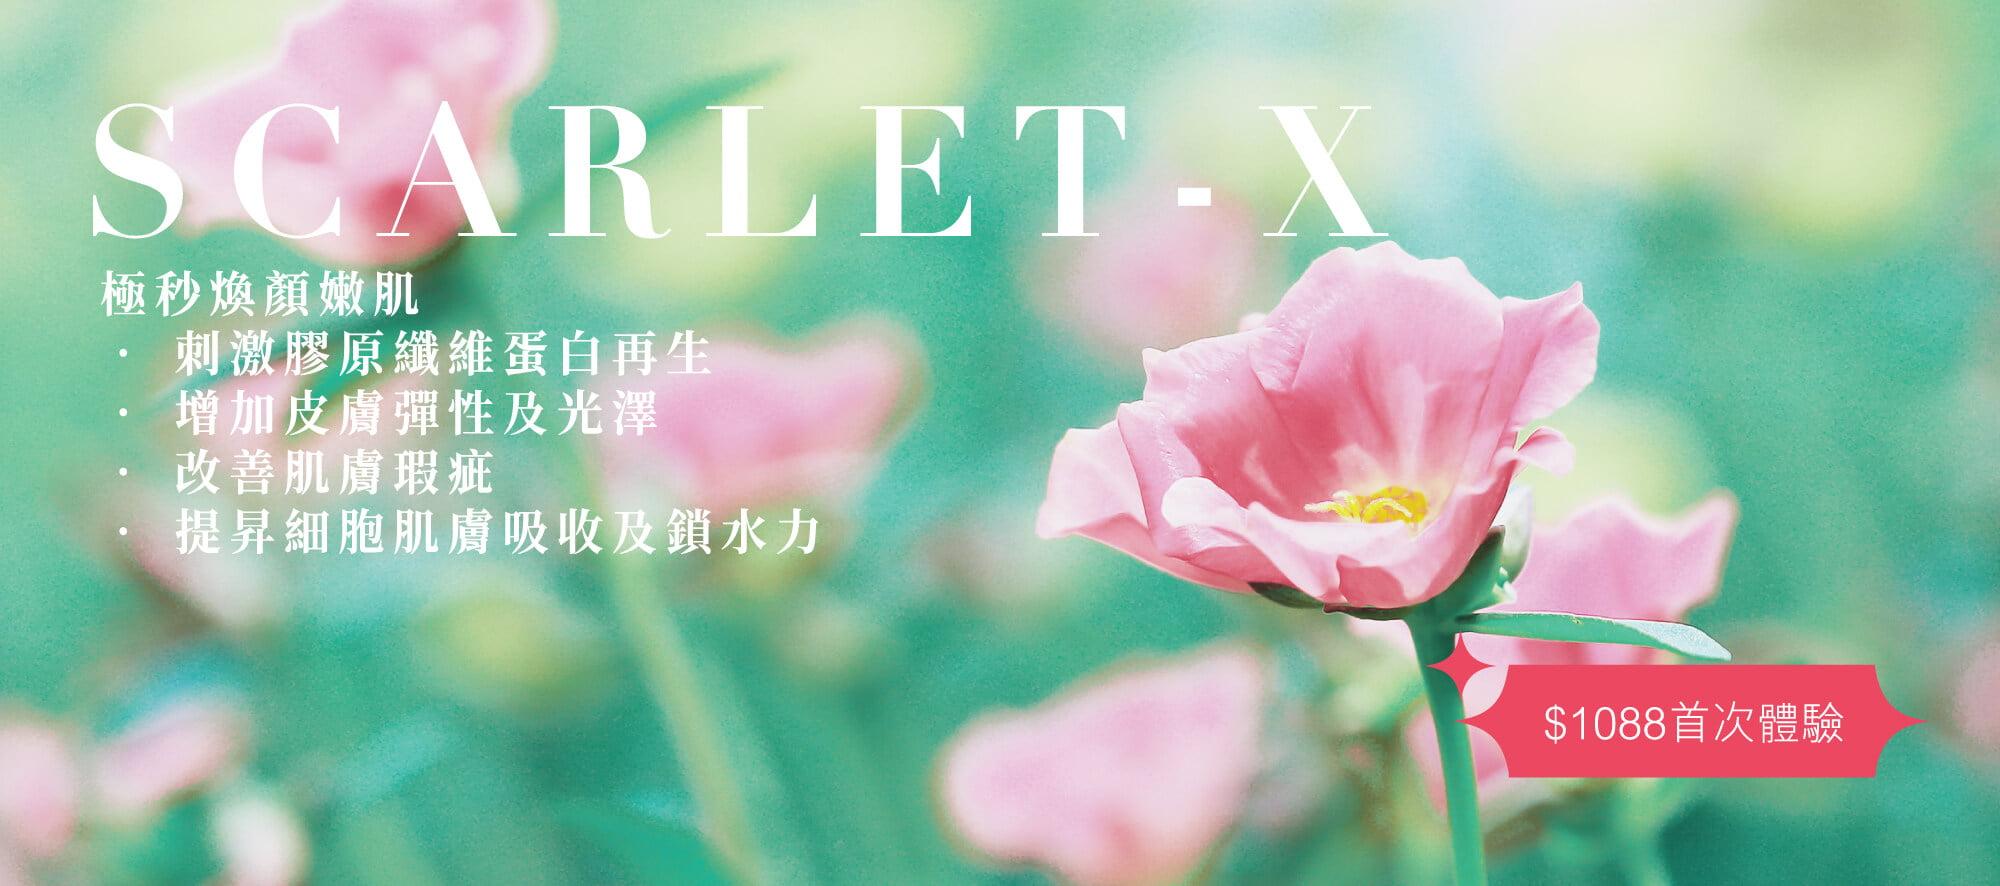 體驗Scarlet-X極秒微針煥膚射頻療程